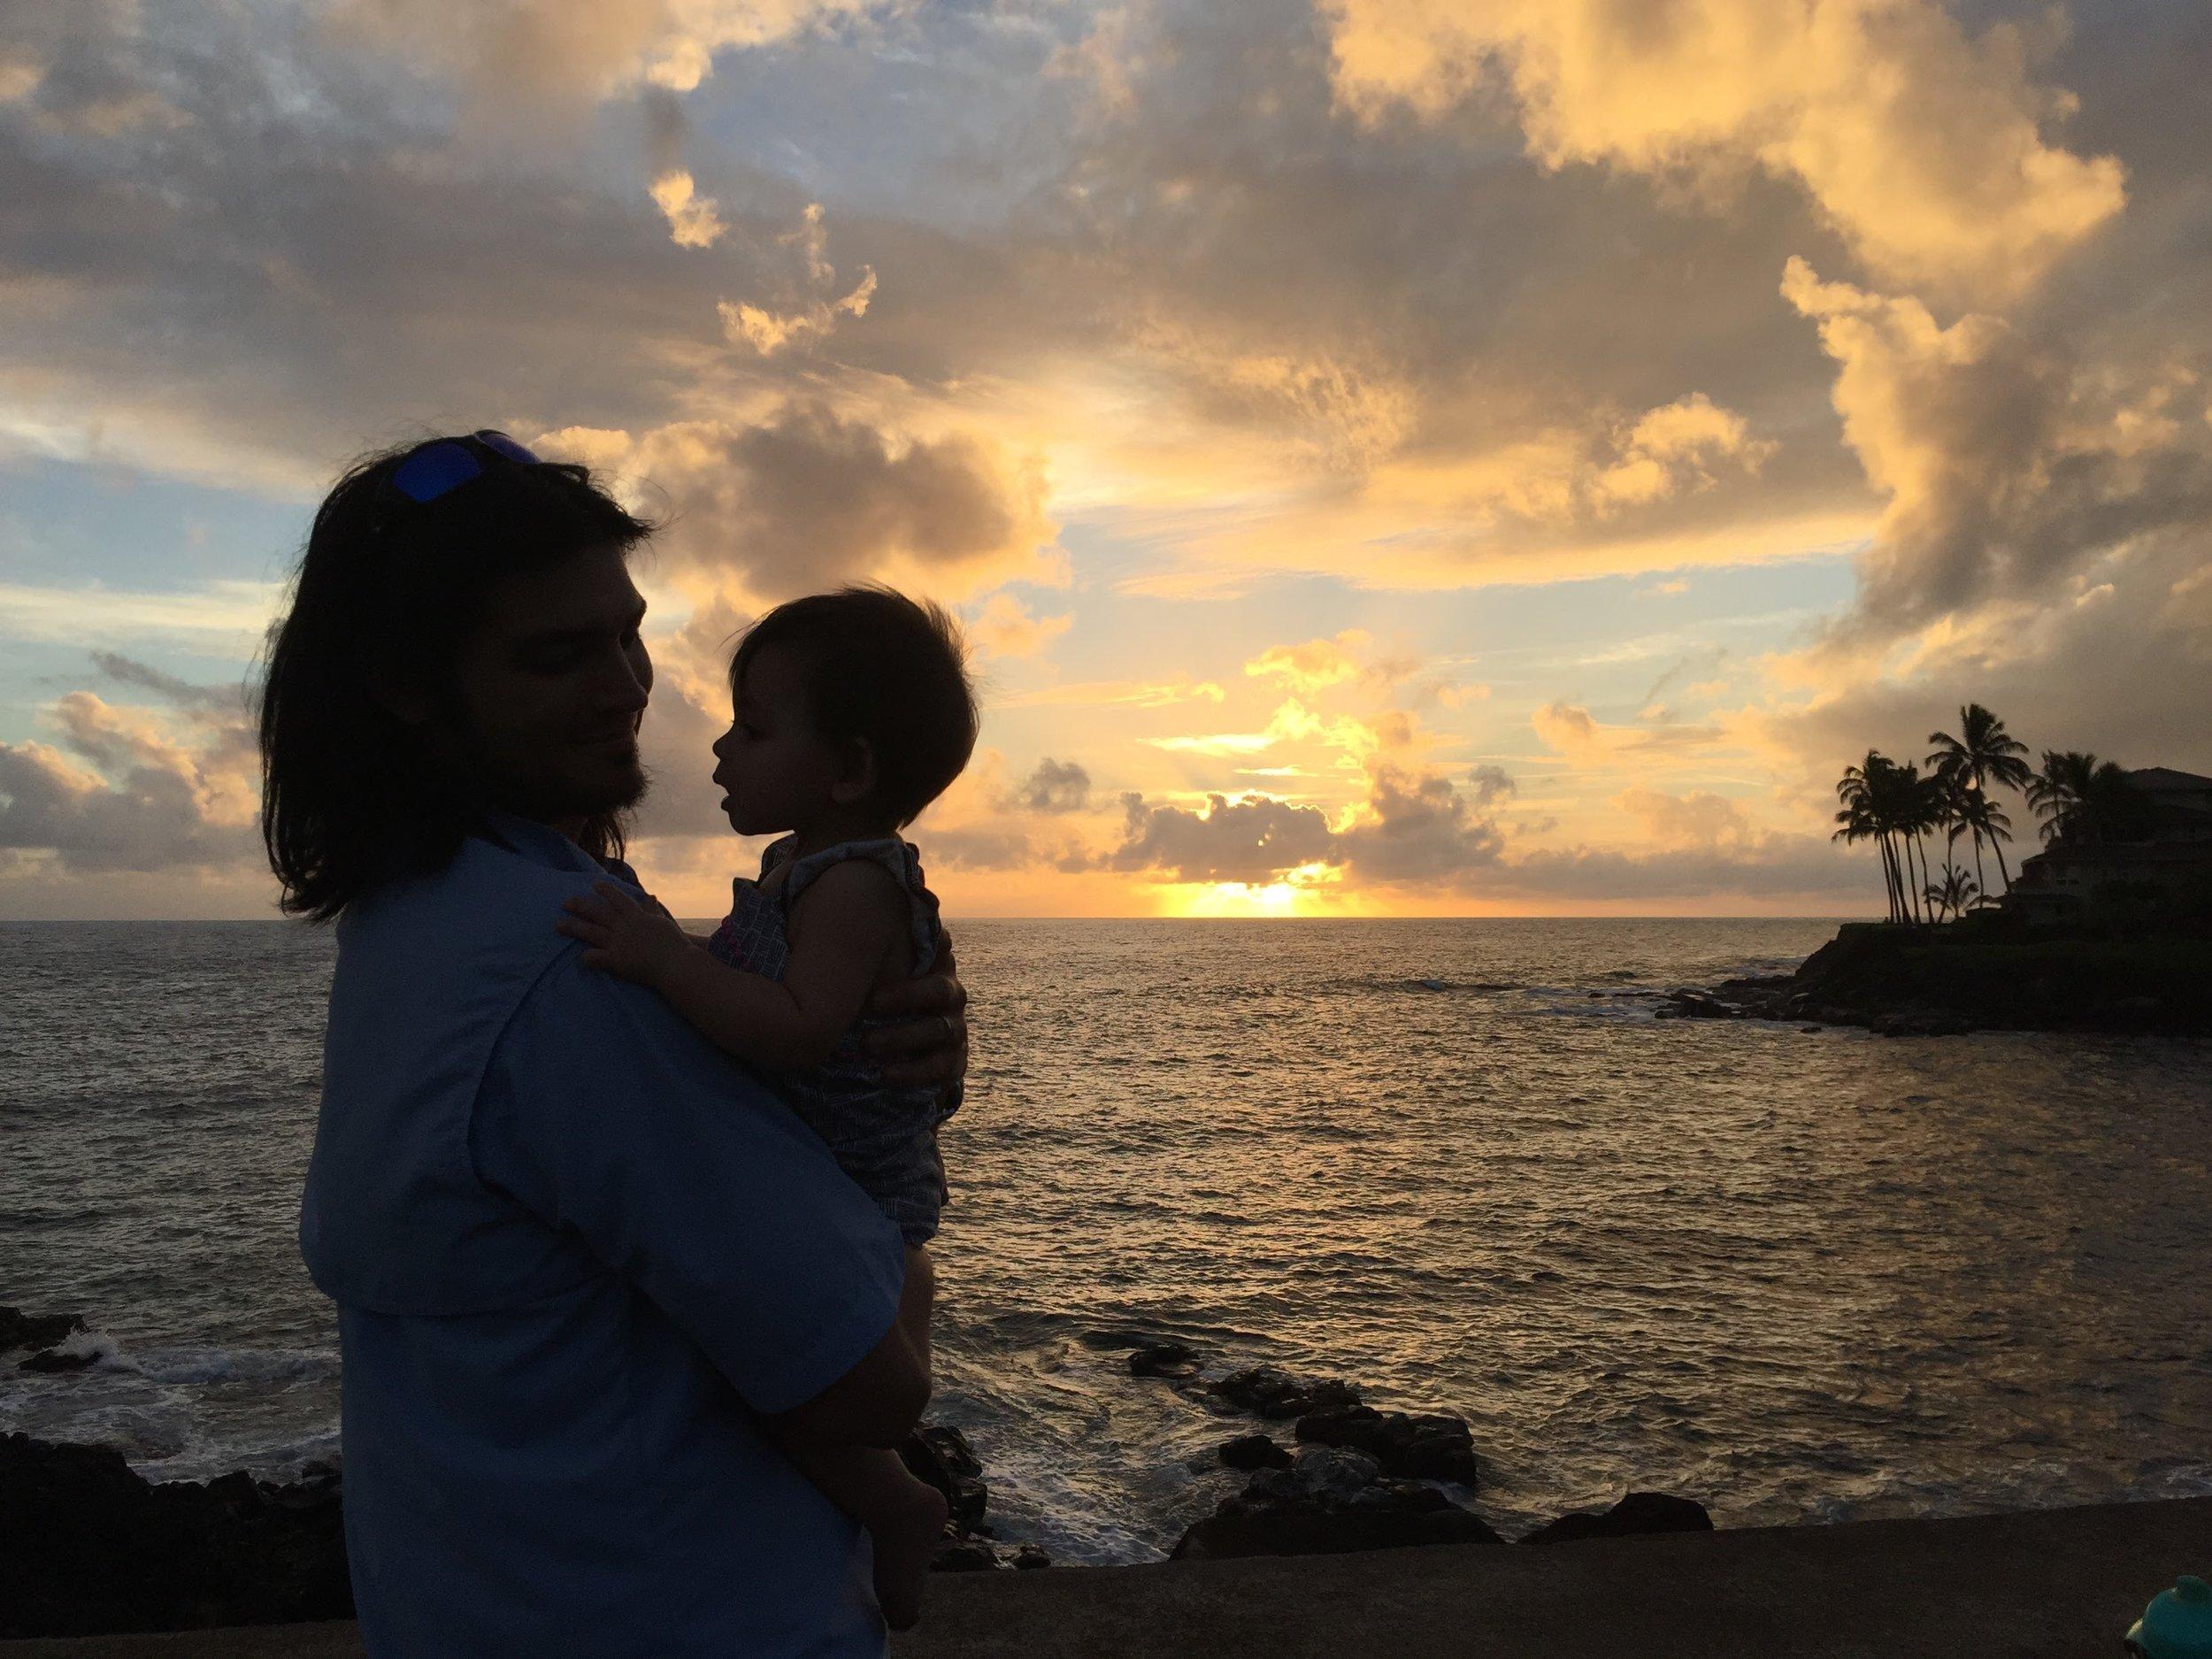 Father Daughter at Kauai Sunset via Jitneys